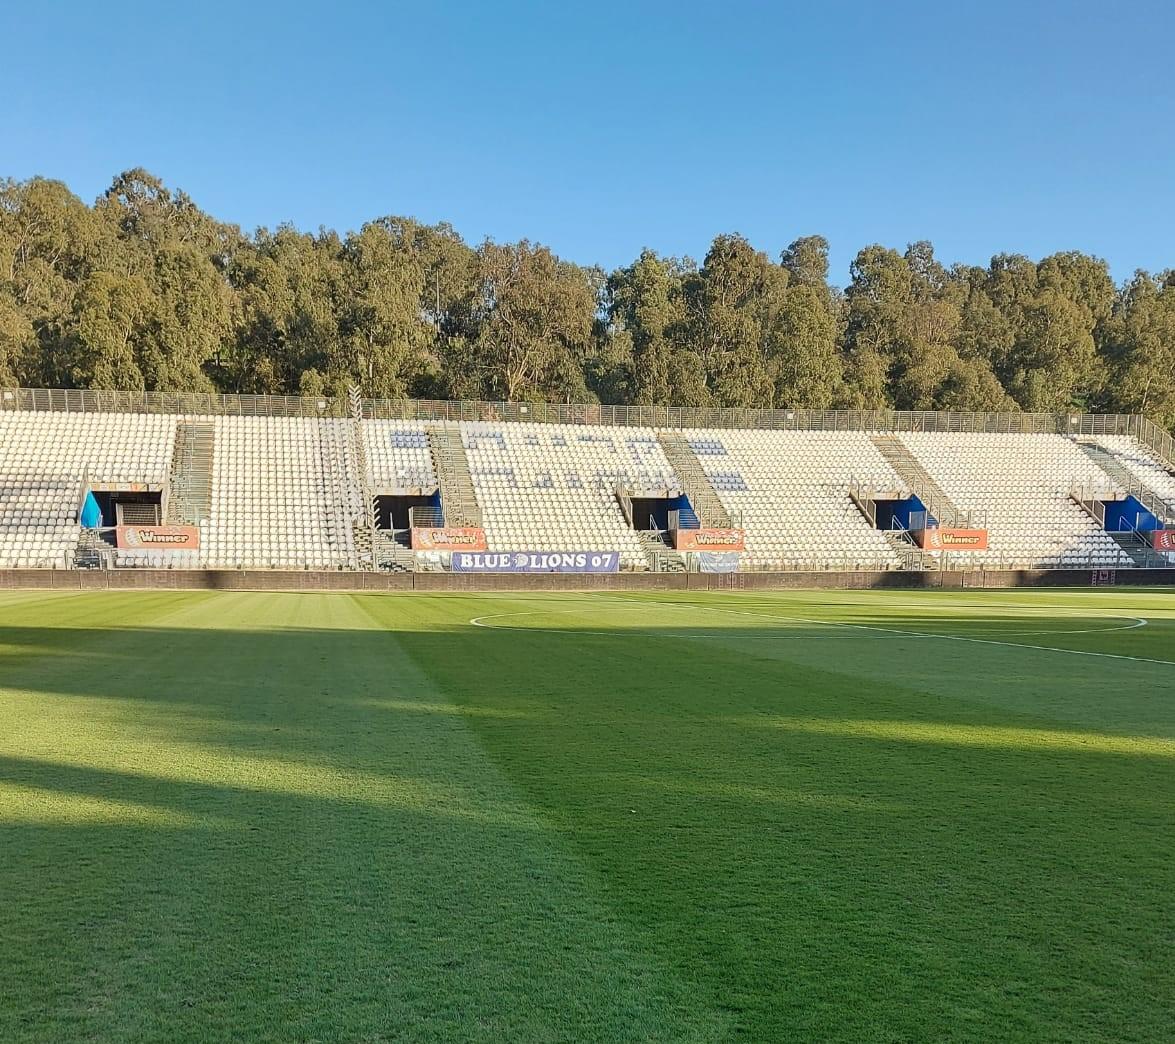 שחקן נוסף ומאמן השוערים בעירוני איתוראן קריית שמונה נמצאו חיוביים לקורונה